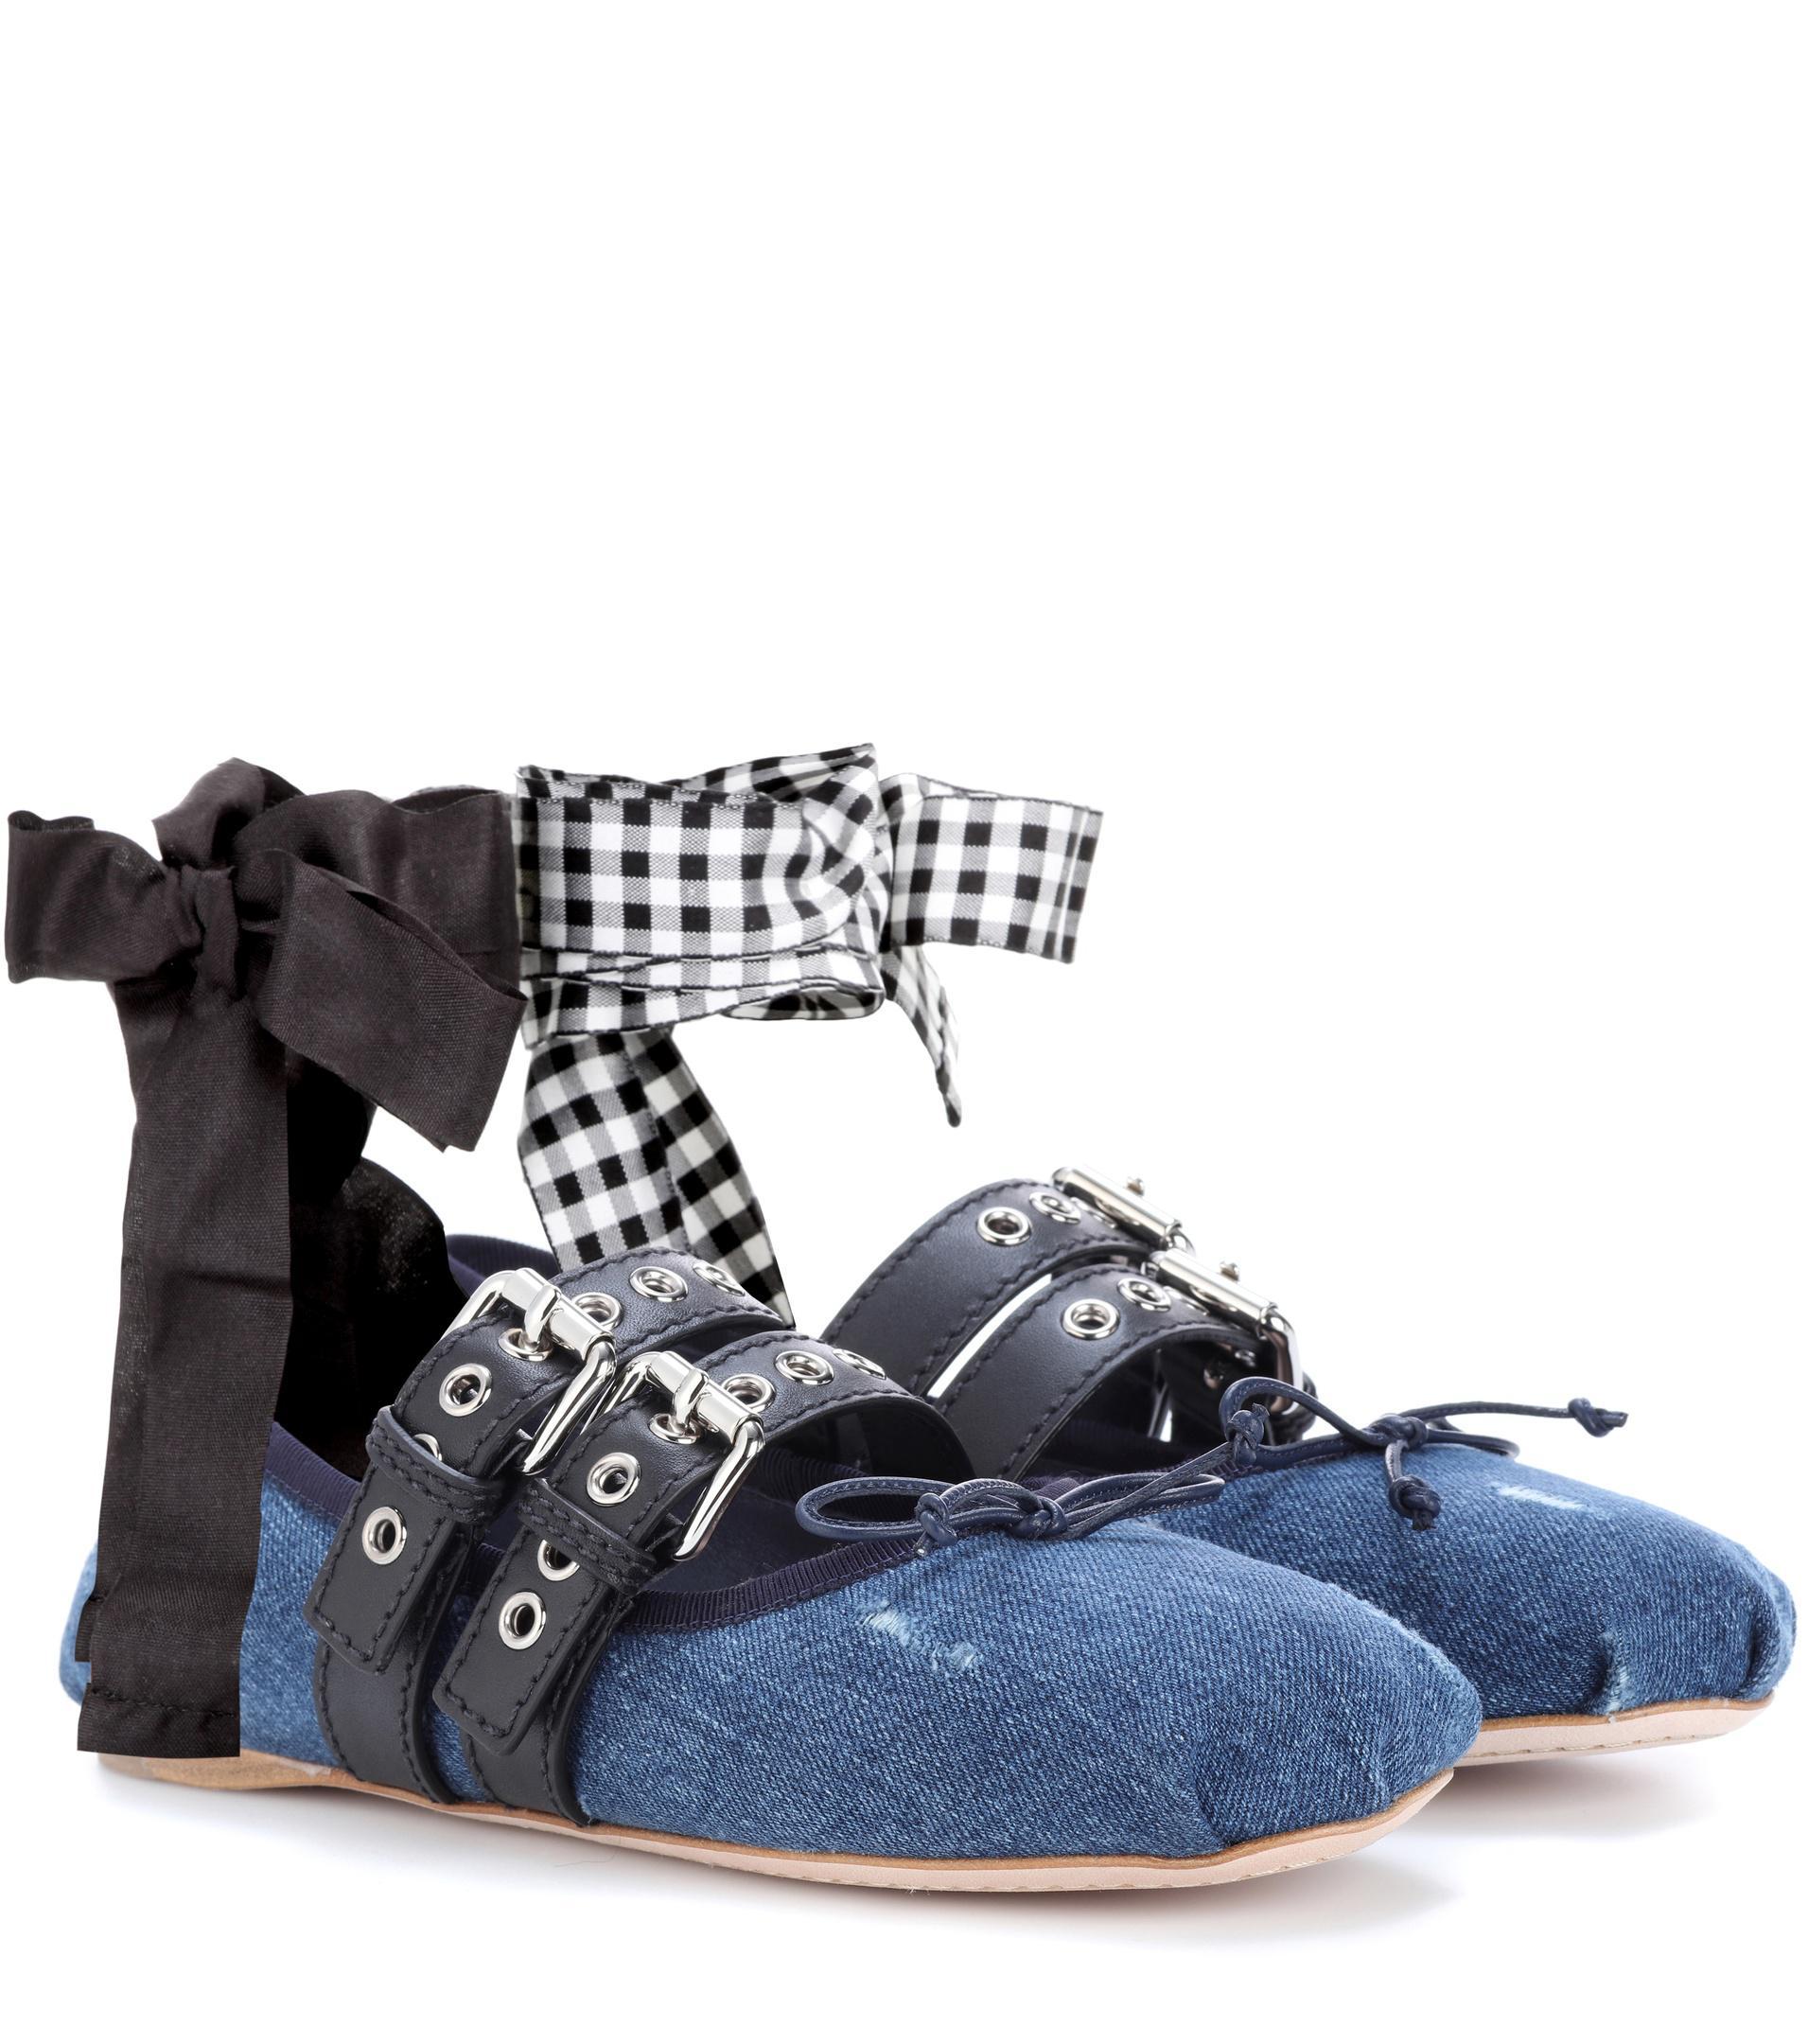 Miu Miu Buckle-embellished denim ballerinas cH9rc0P1Yq